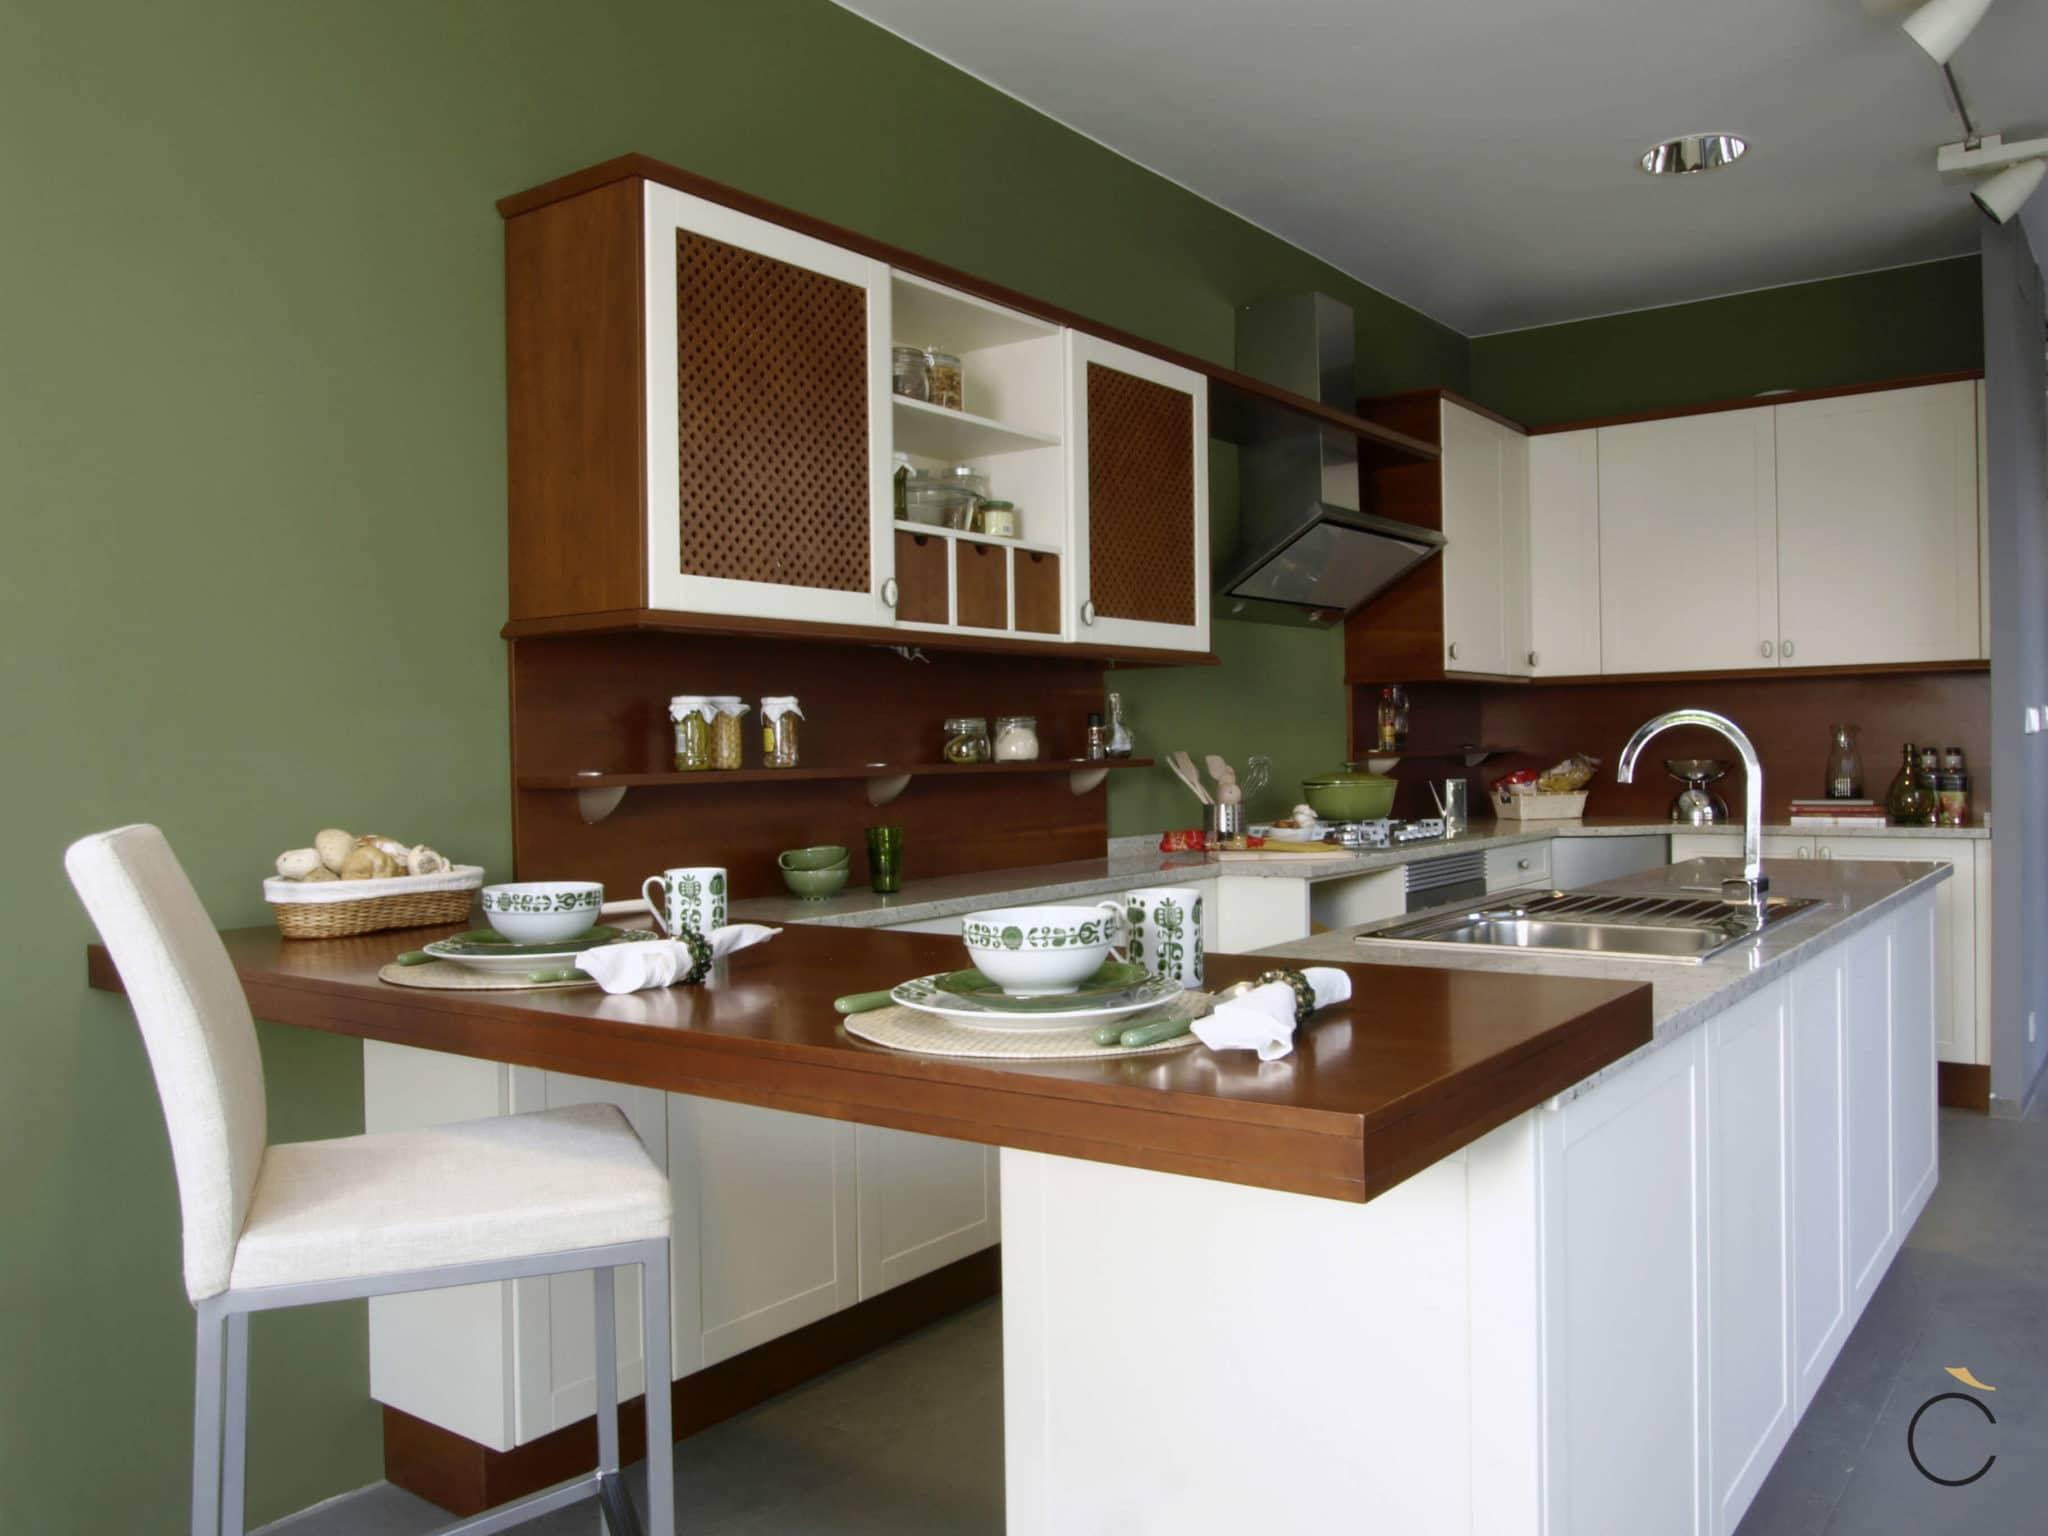 Cocinas r sticas modernas desc brelas for Mostrar cocinas modernas